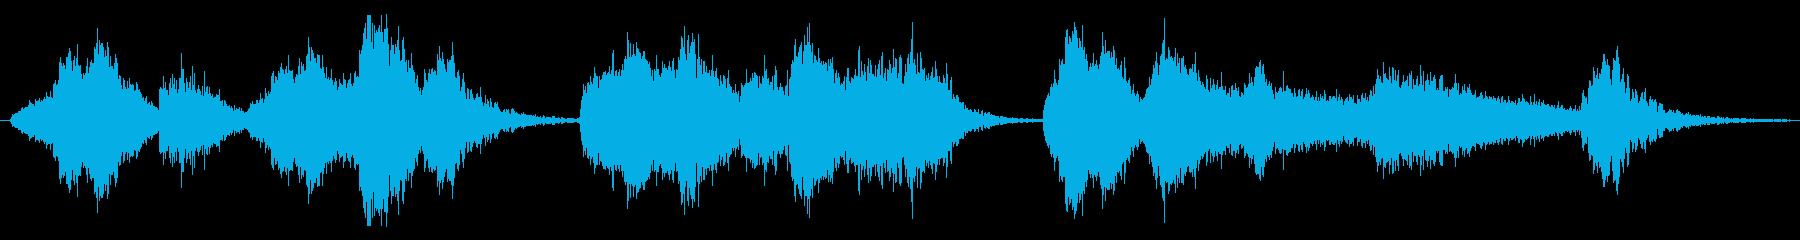 現代的 交響曲 ドラマチック 管楽...の再生済みの波形